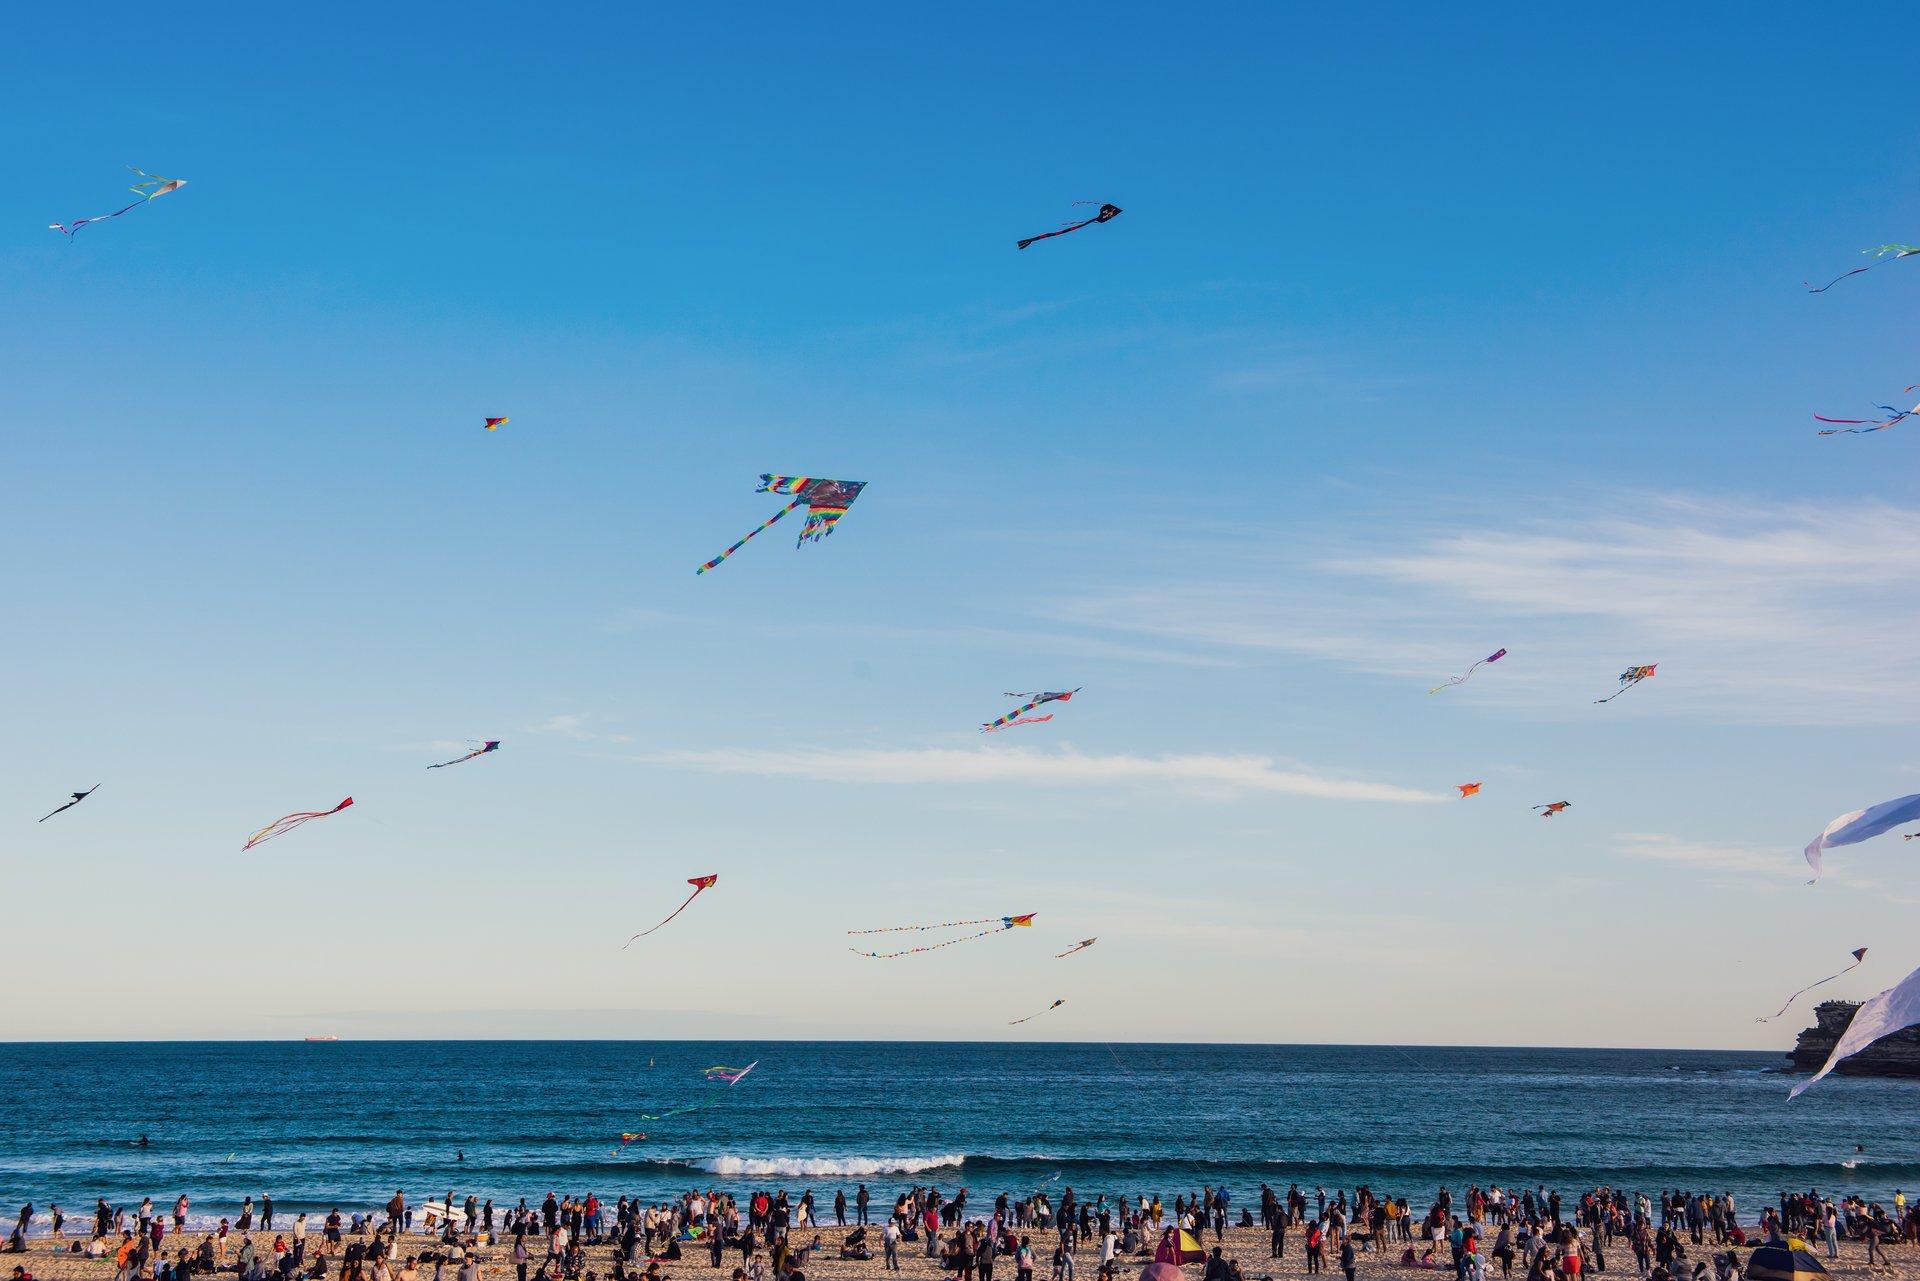 Festival of the Winds in Sydney - Best Season 2019